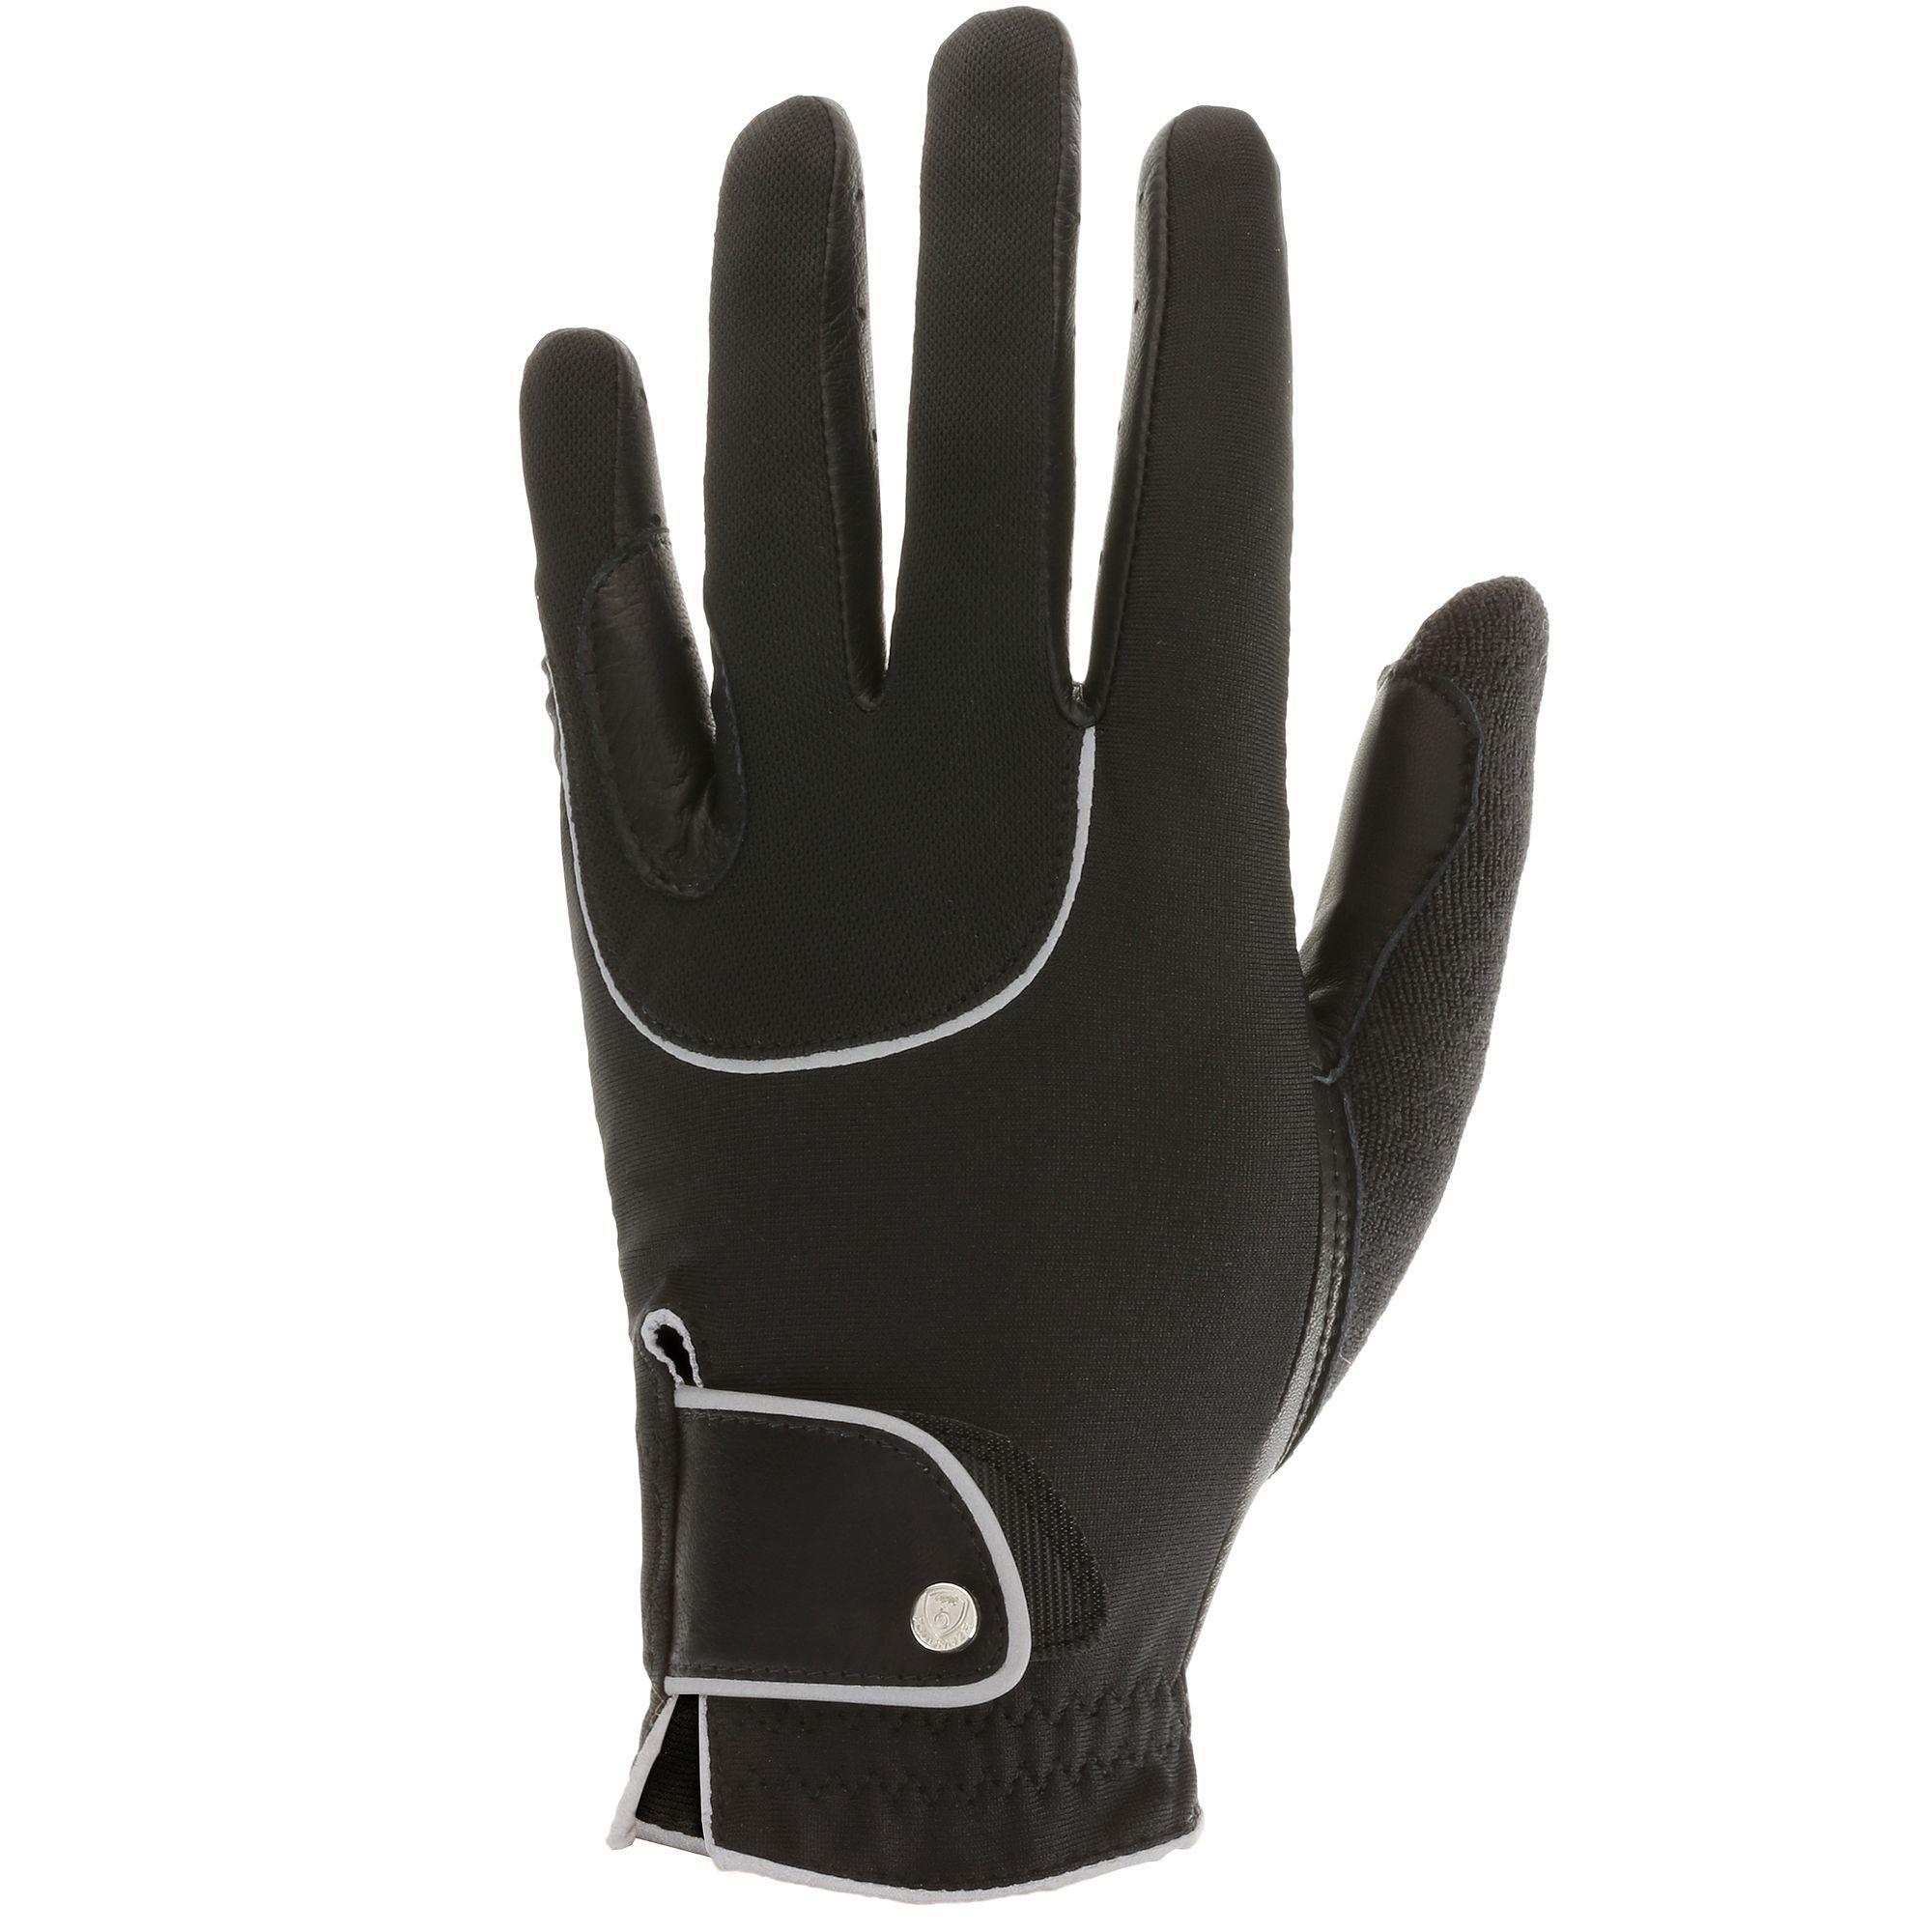 Rijhandschoenen Pro'Leather volwassenen zwart